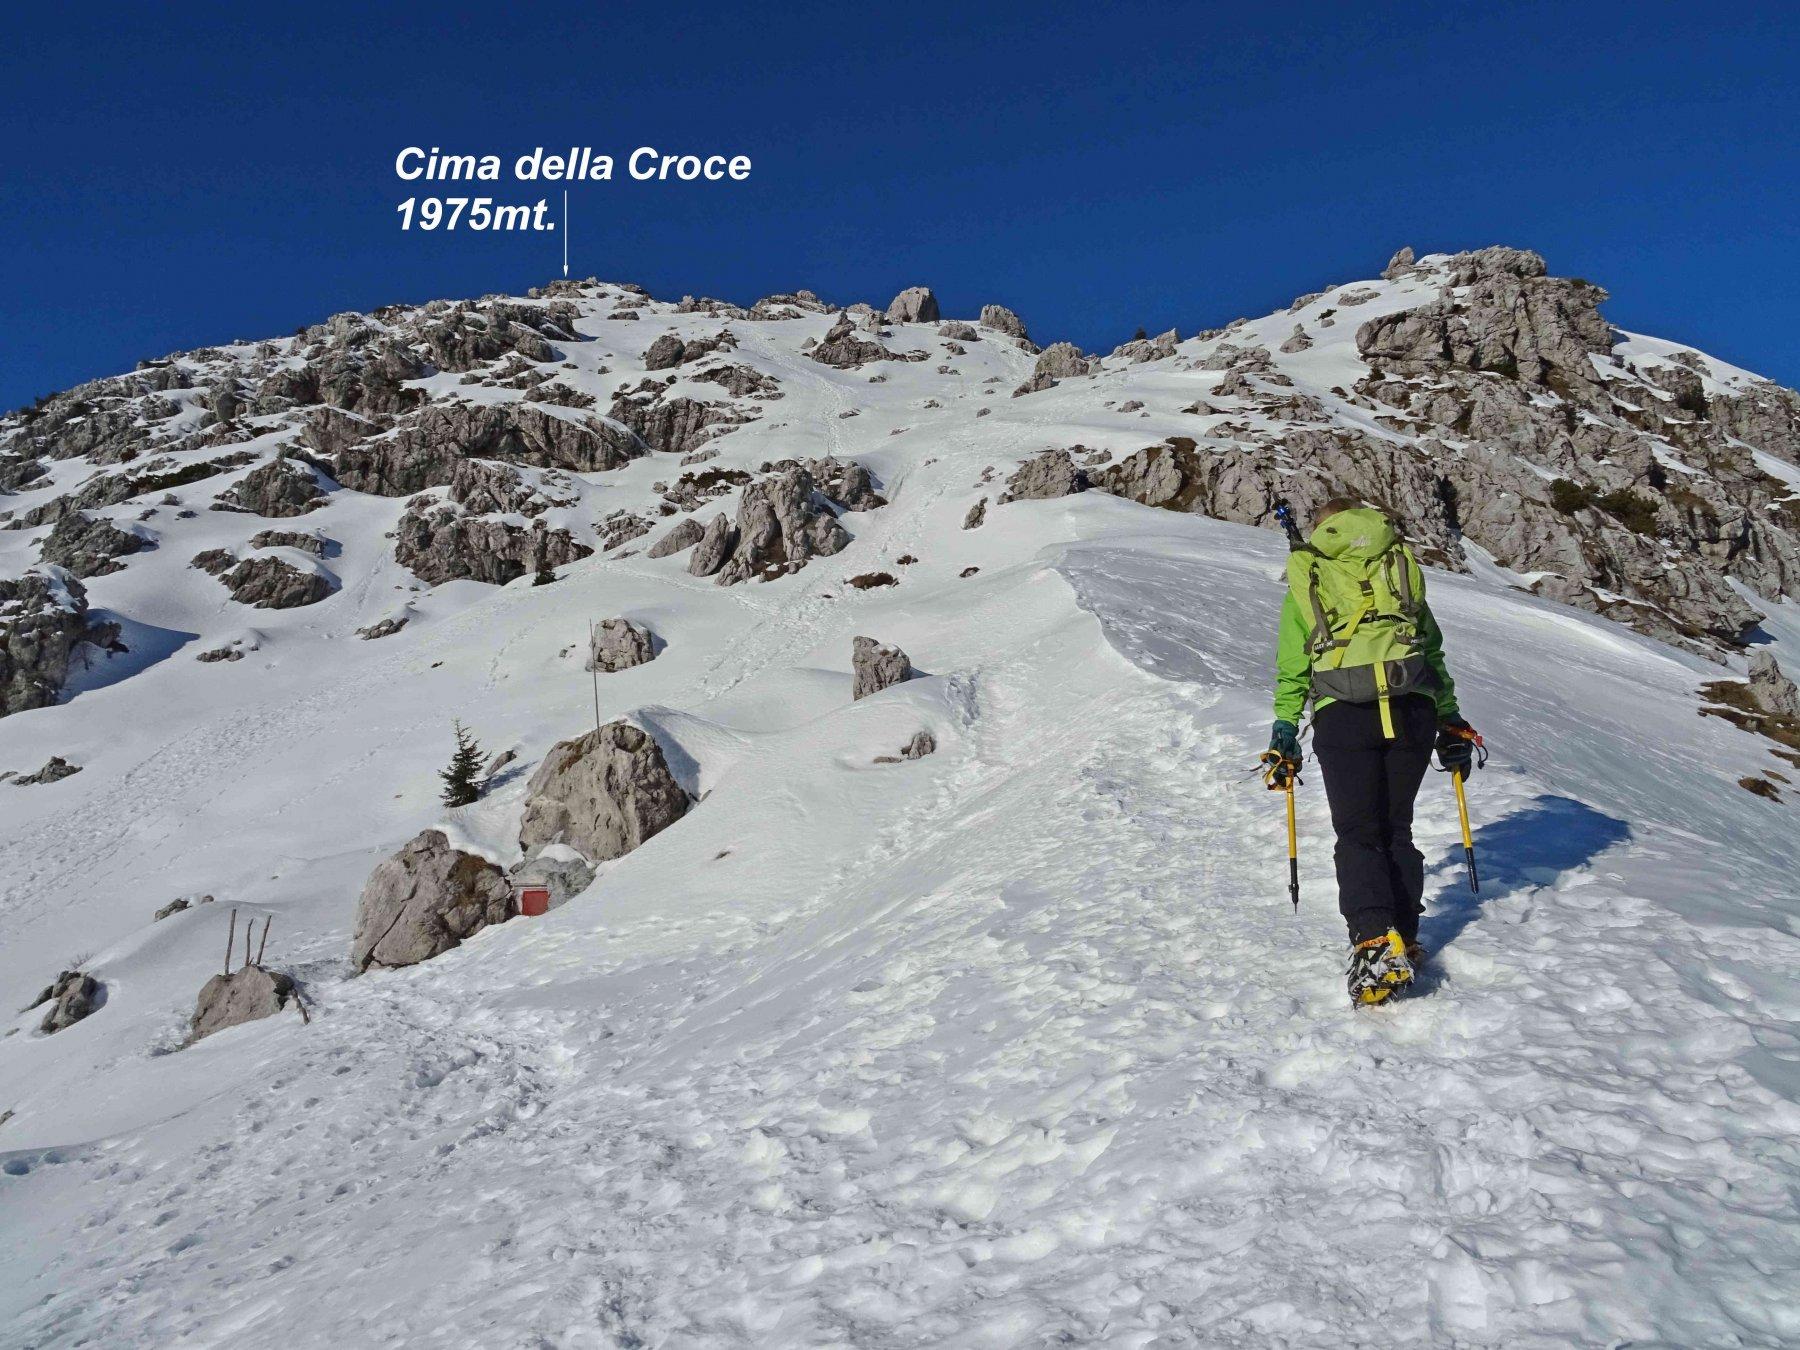 Alben (Monte) e Cima della Croce da Cornalba 2019-12-30